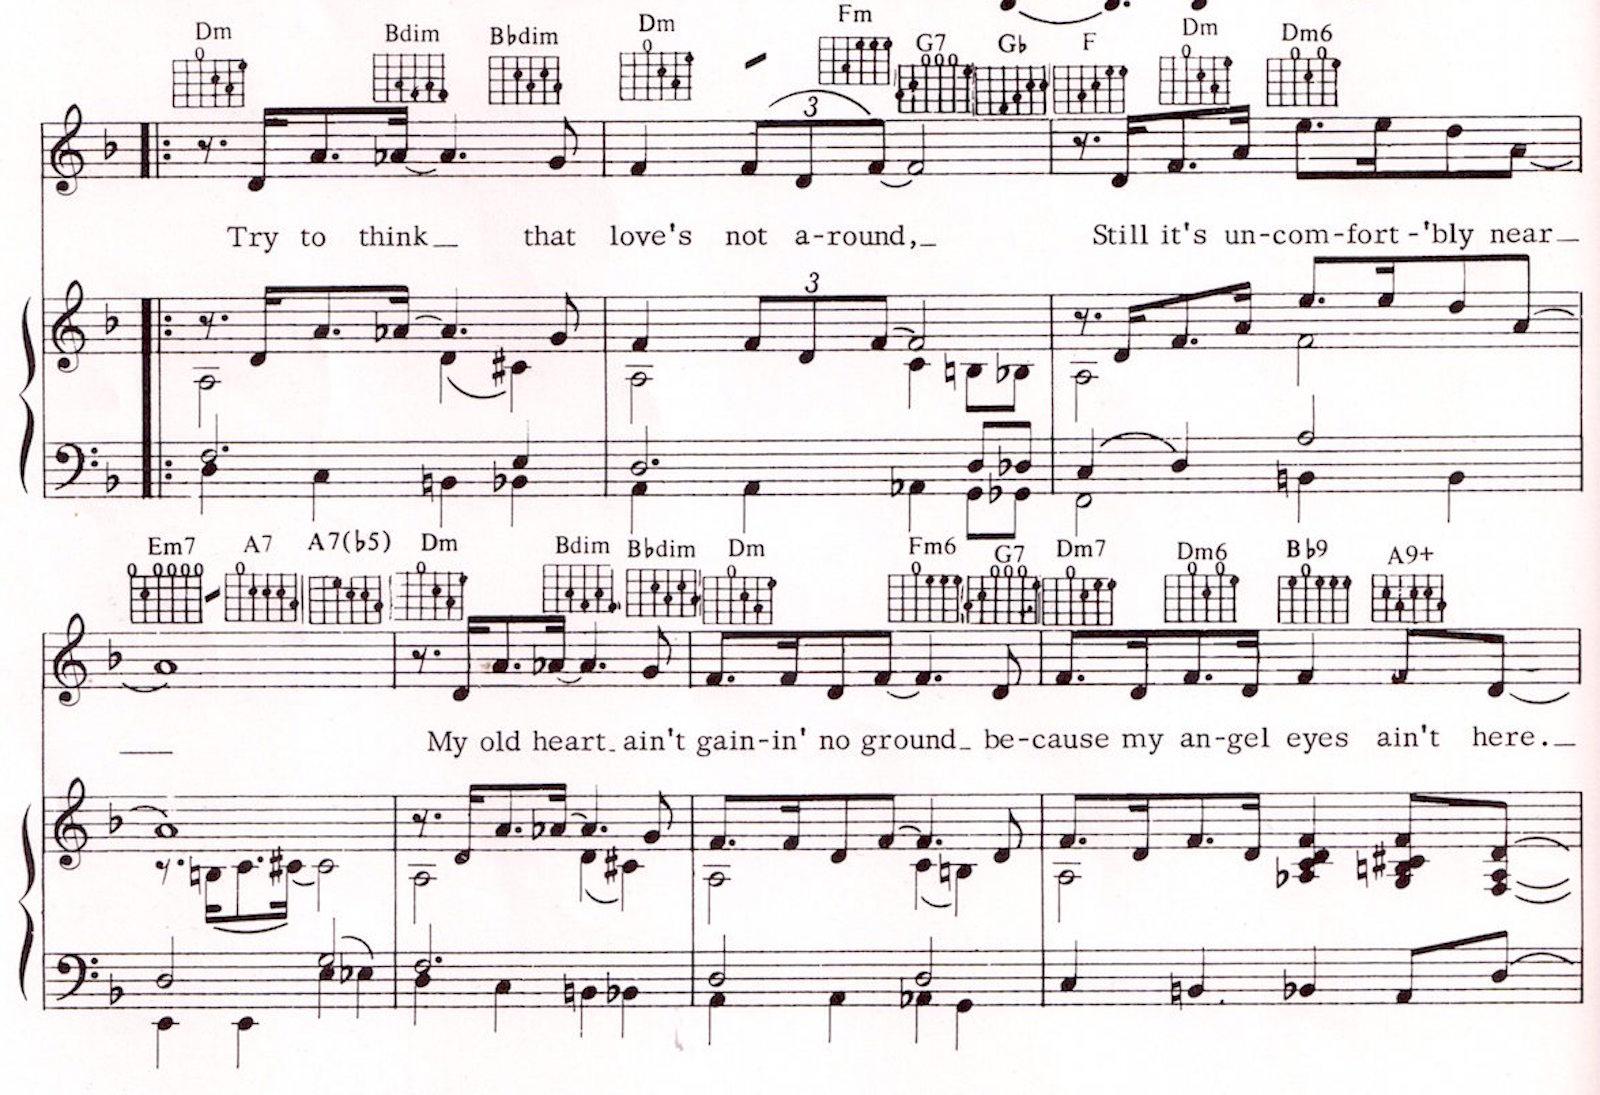 Peter spitzer music blog matt dennis angel eyes st james an error occurred hexwebz Gallery